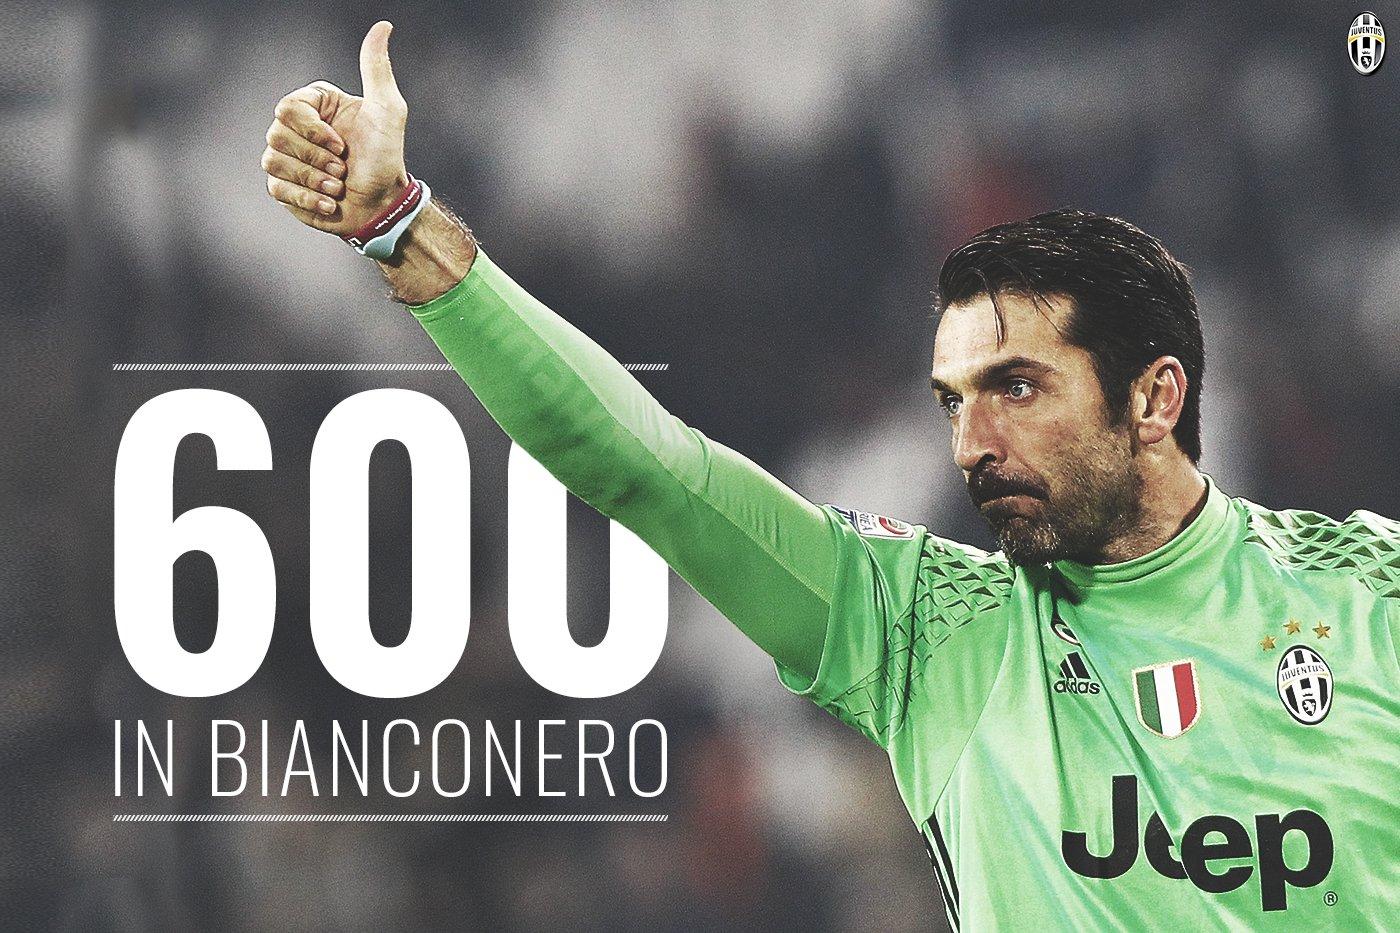 Buffon chega aos 600 jogos pela Juventus!